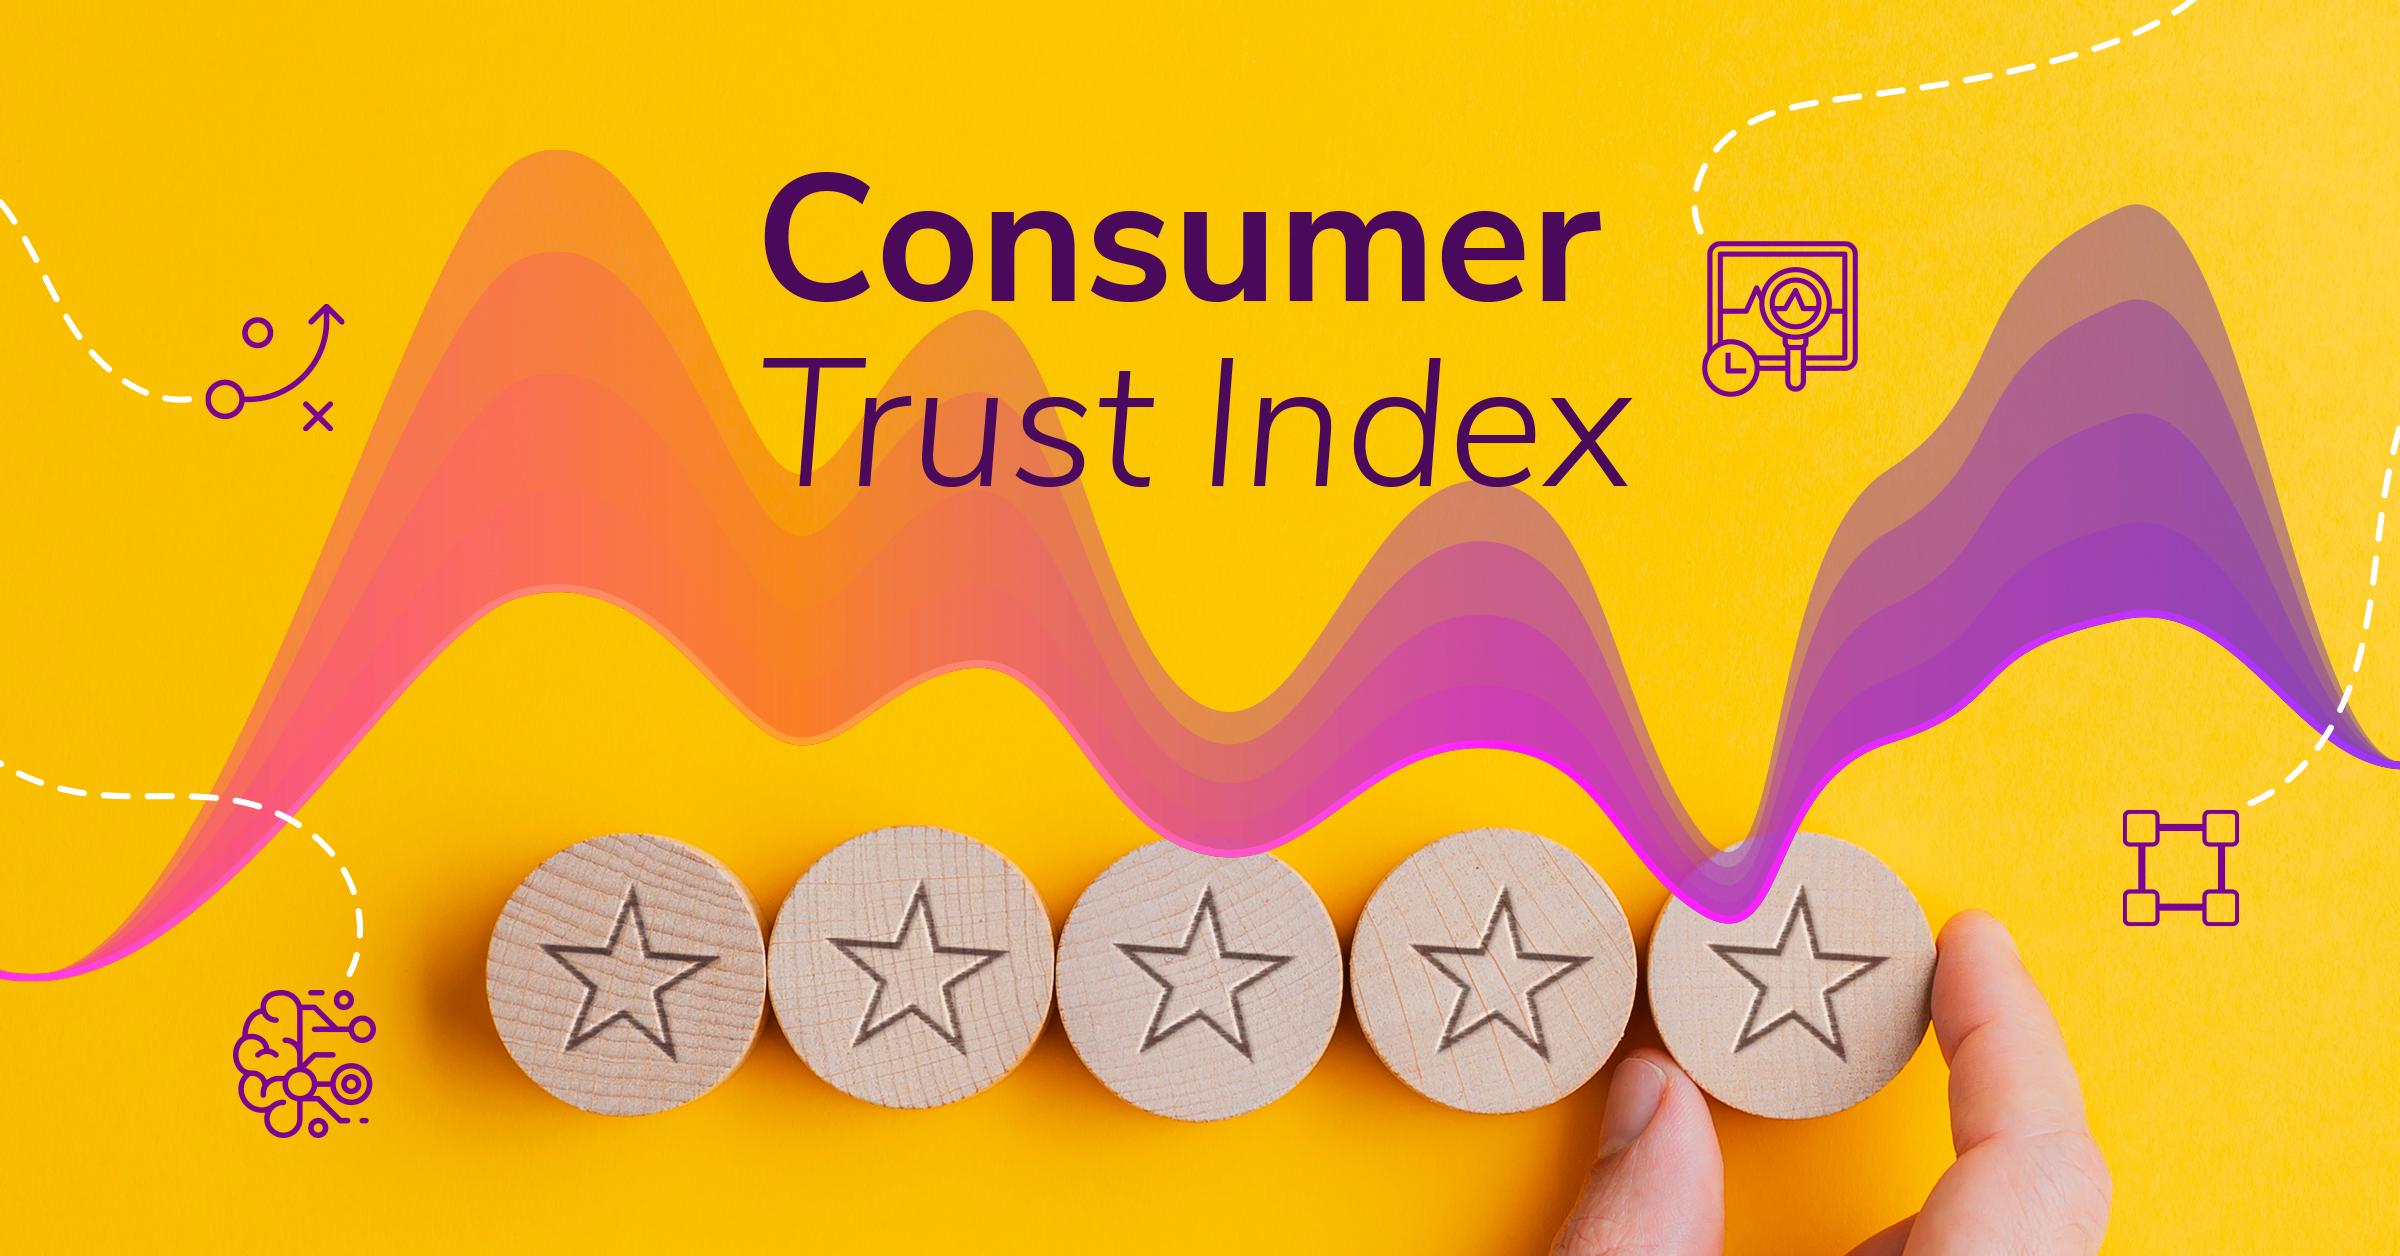 Consumer Trust Index